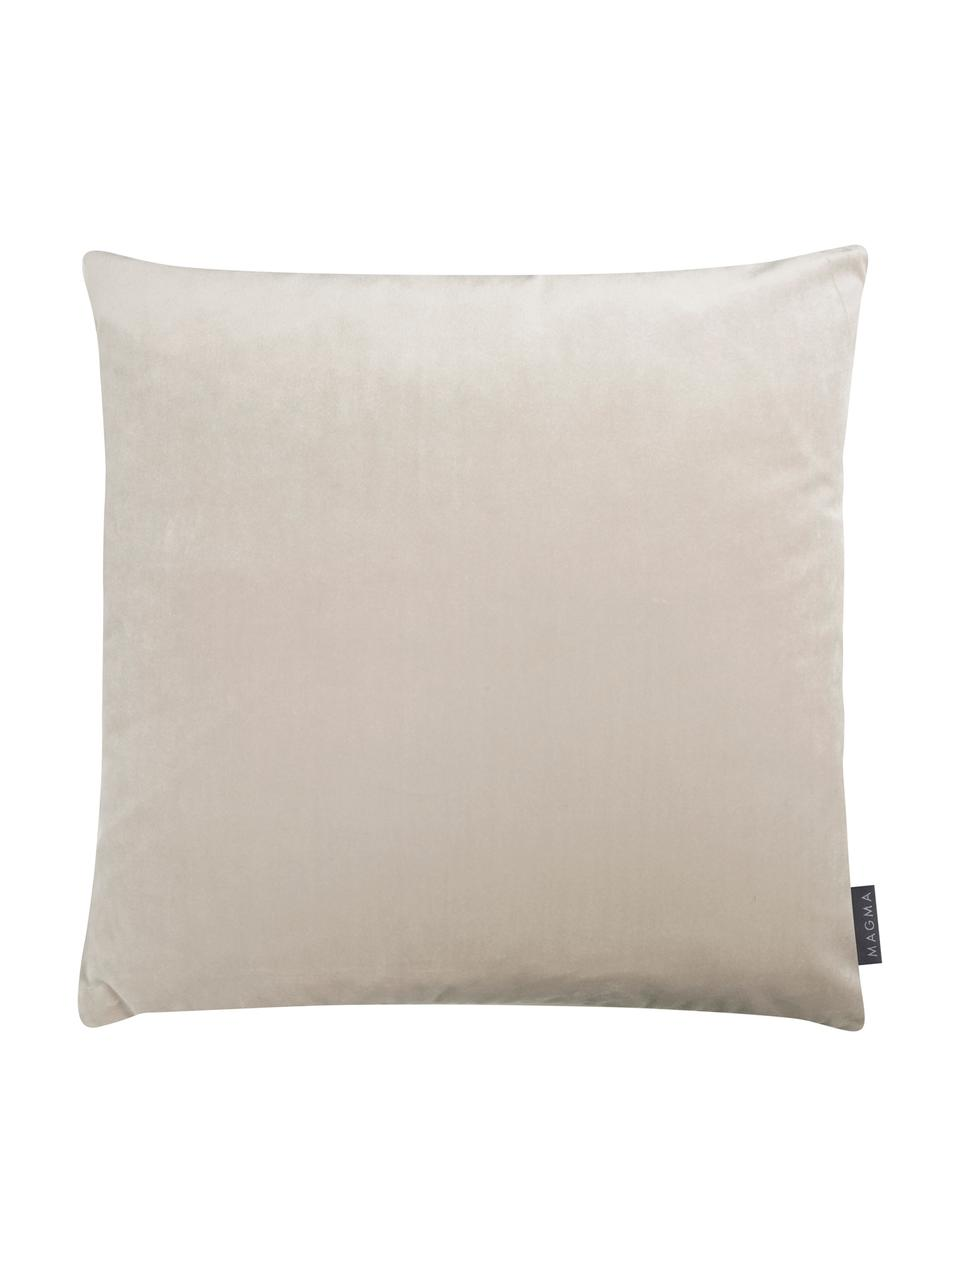 Kissenhülle Tilas mit Hoch-Tief-Muster & Samt-Rückseite, Vorderseite: 87%Polyester, 13%Baumwo, Rückseite: Polyestersamt, Beige, Creme, 40 x 40 cm